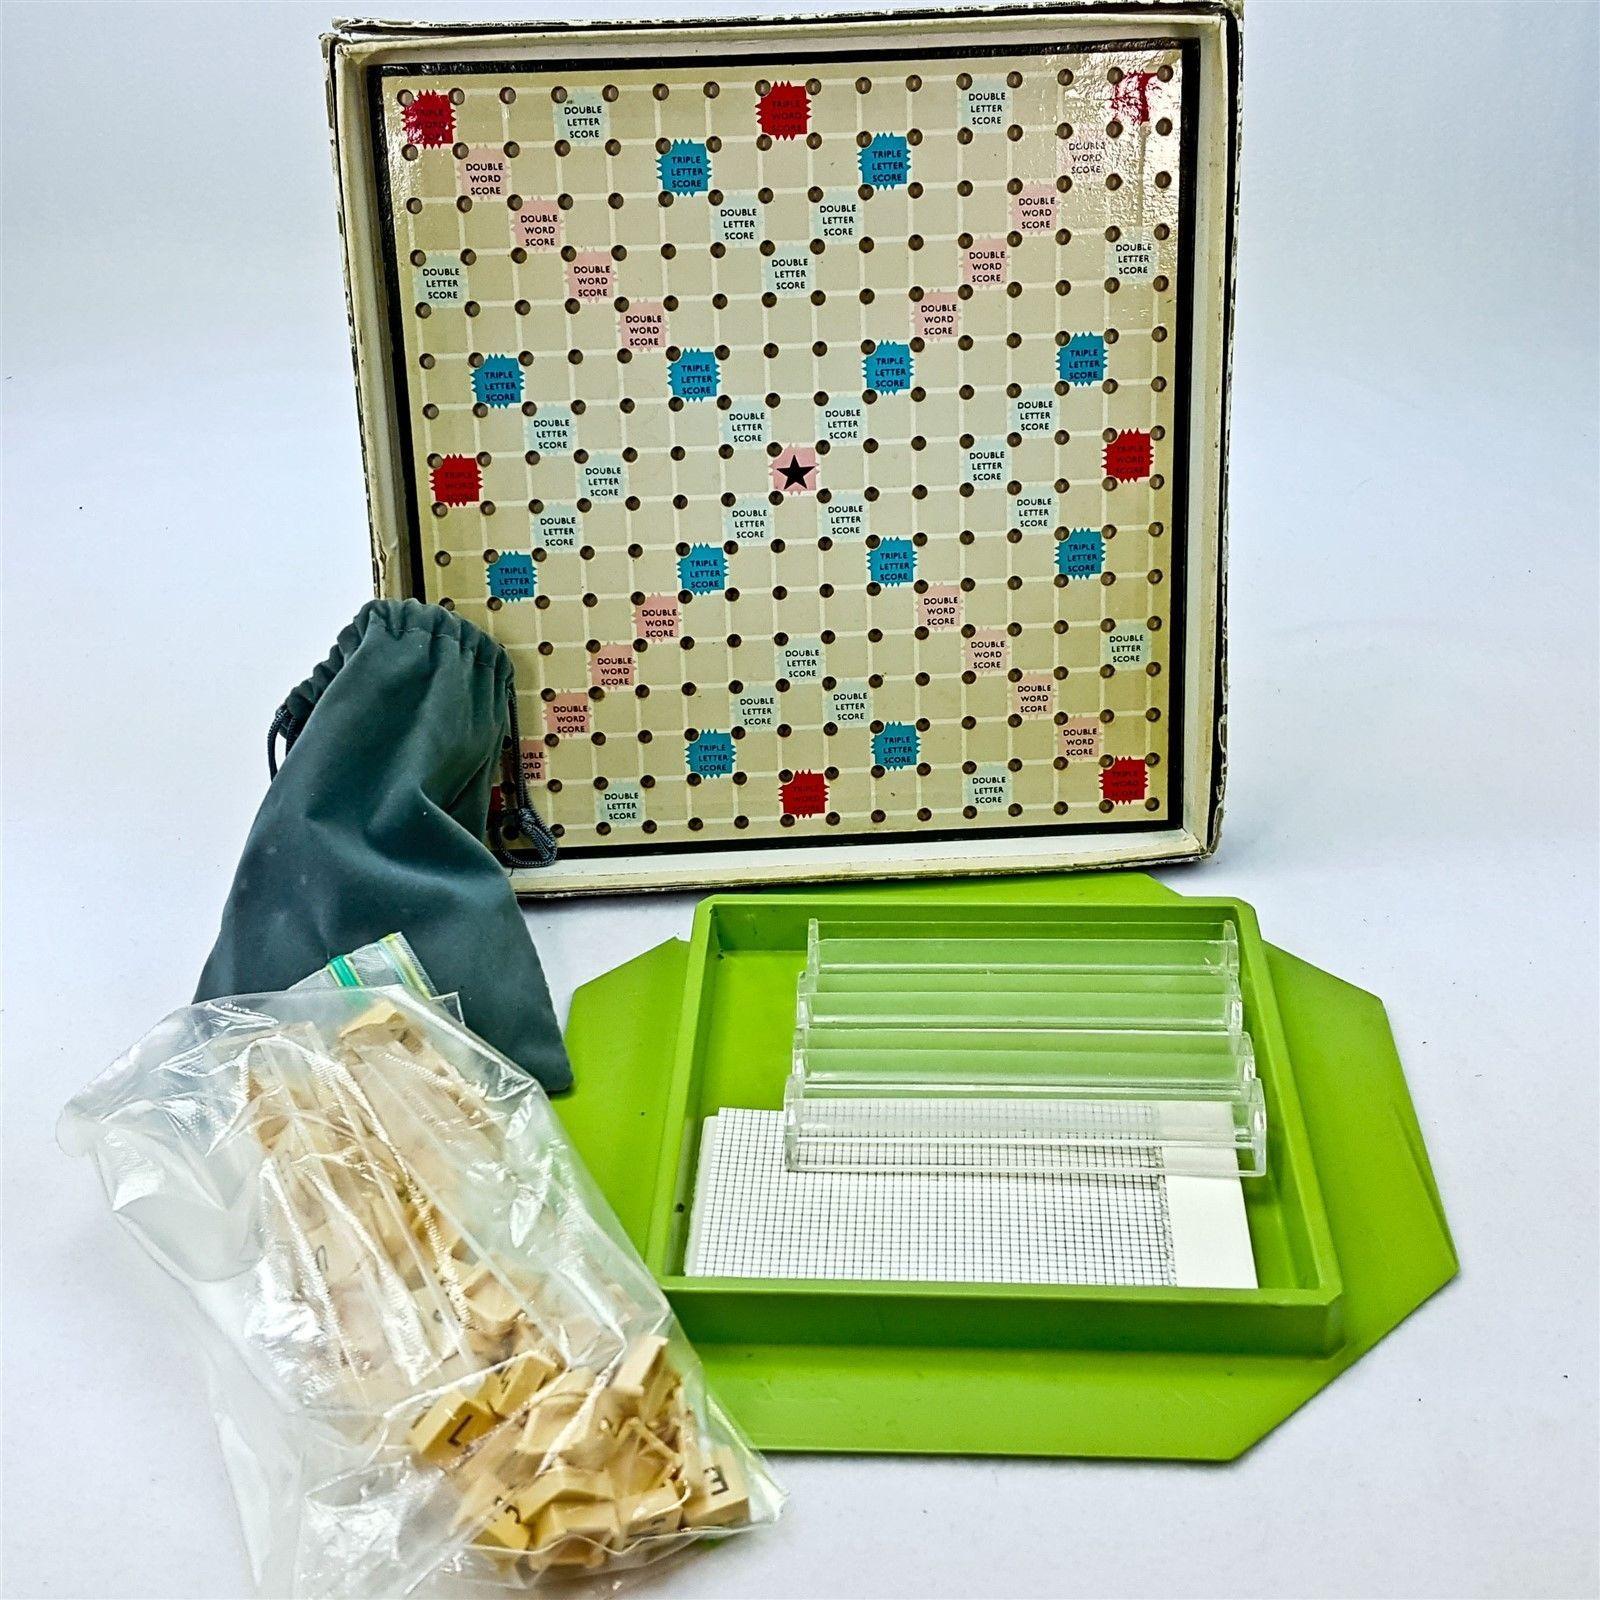 Vintage Travel Scrabble 46